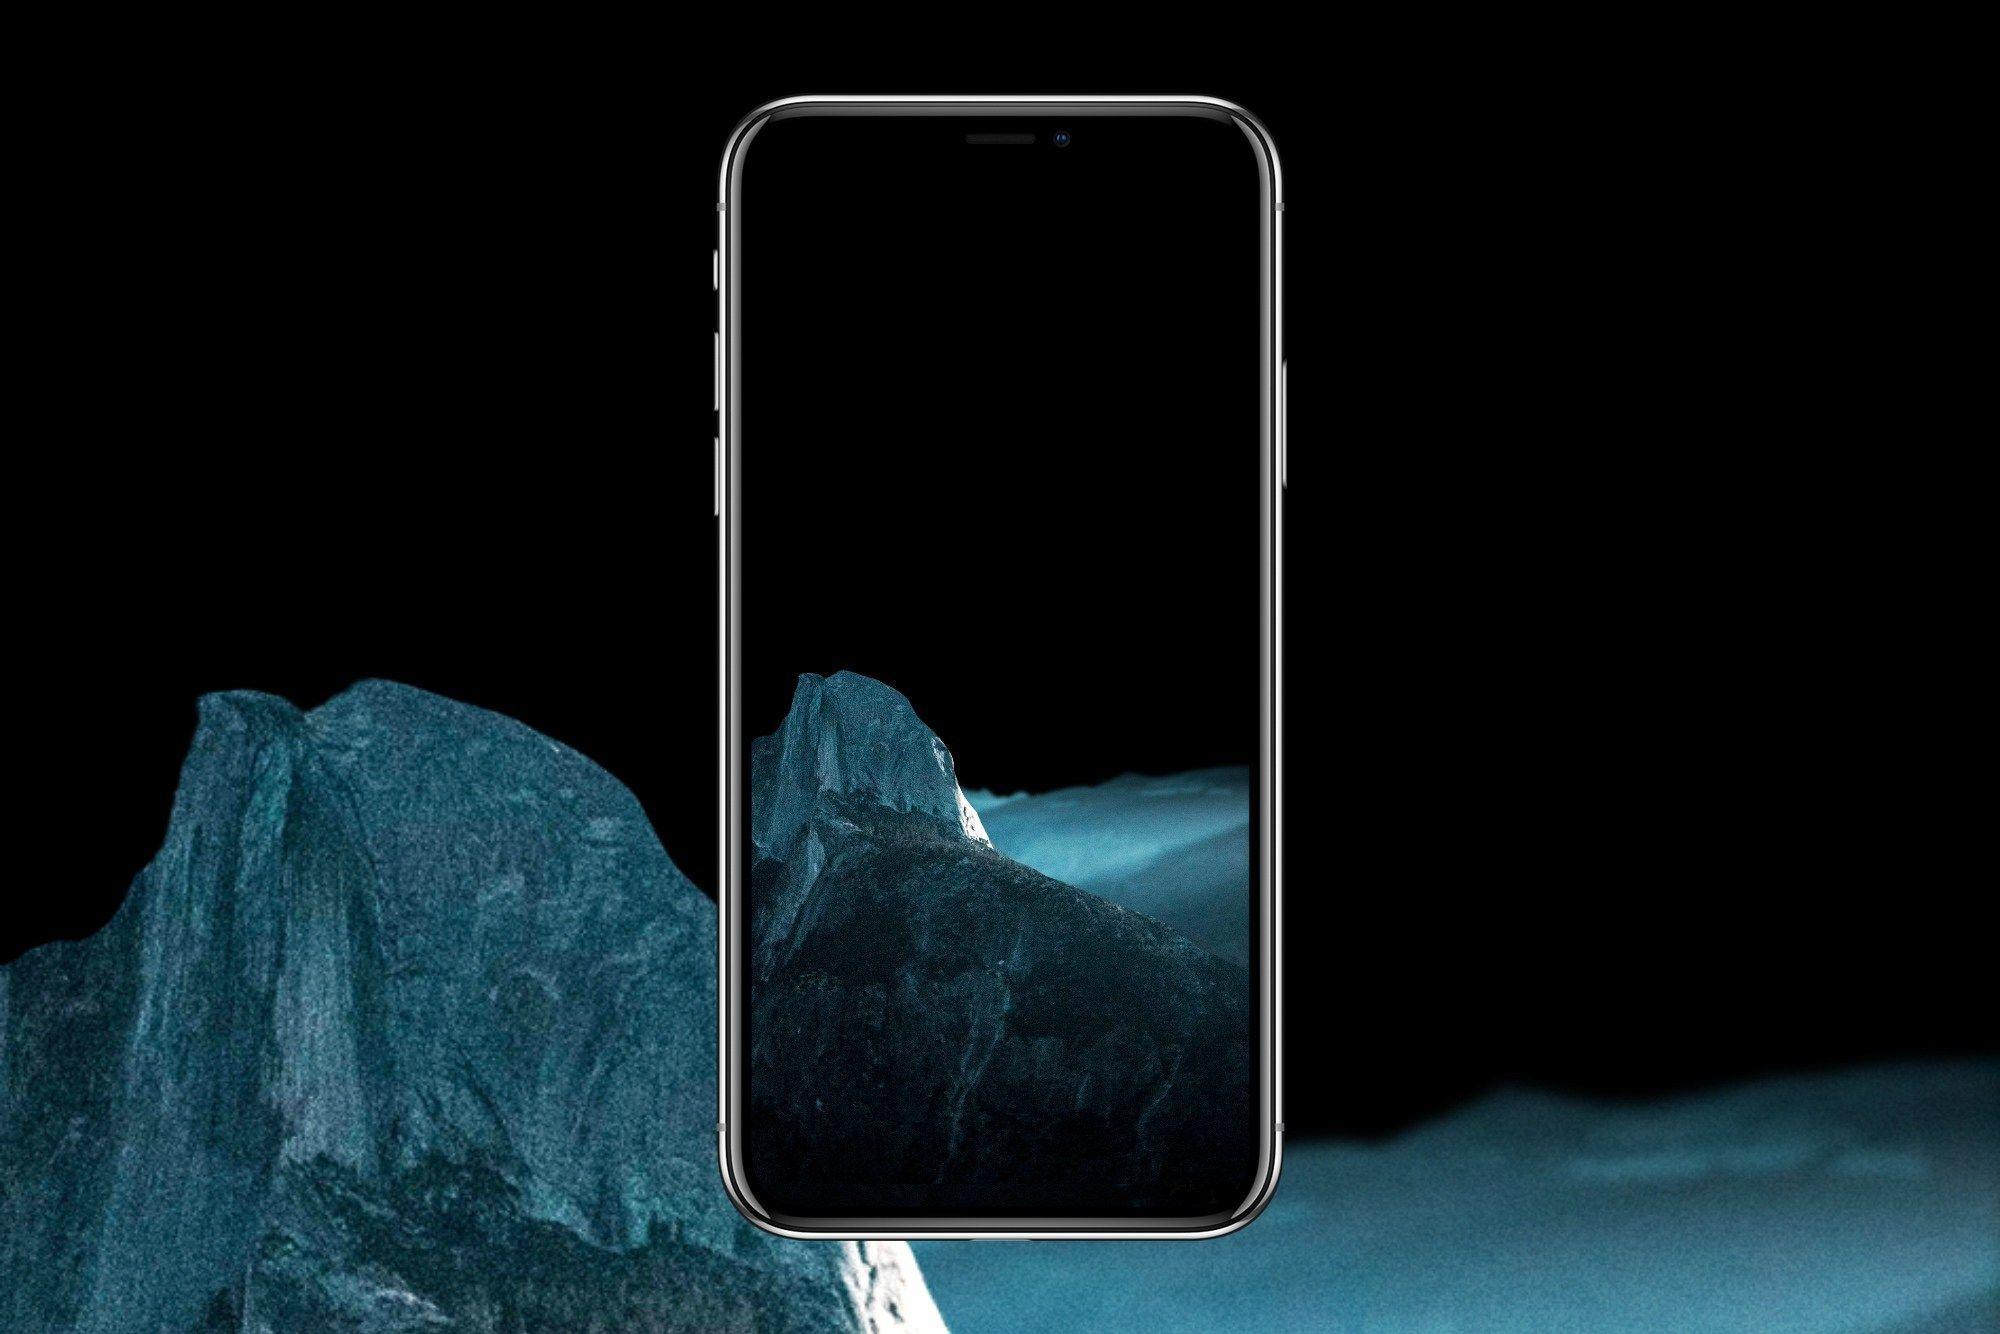 2000x1334 Hình nền đen cho iPhone X Inspirational 5 True Black Oled